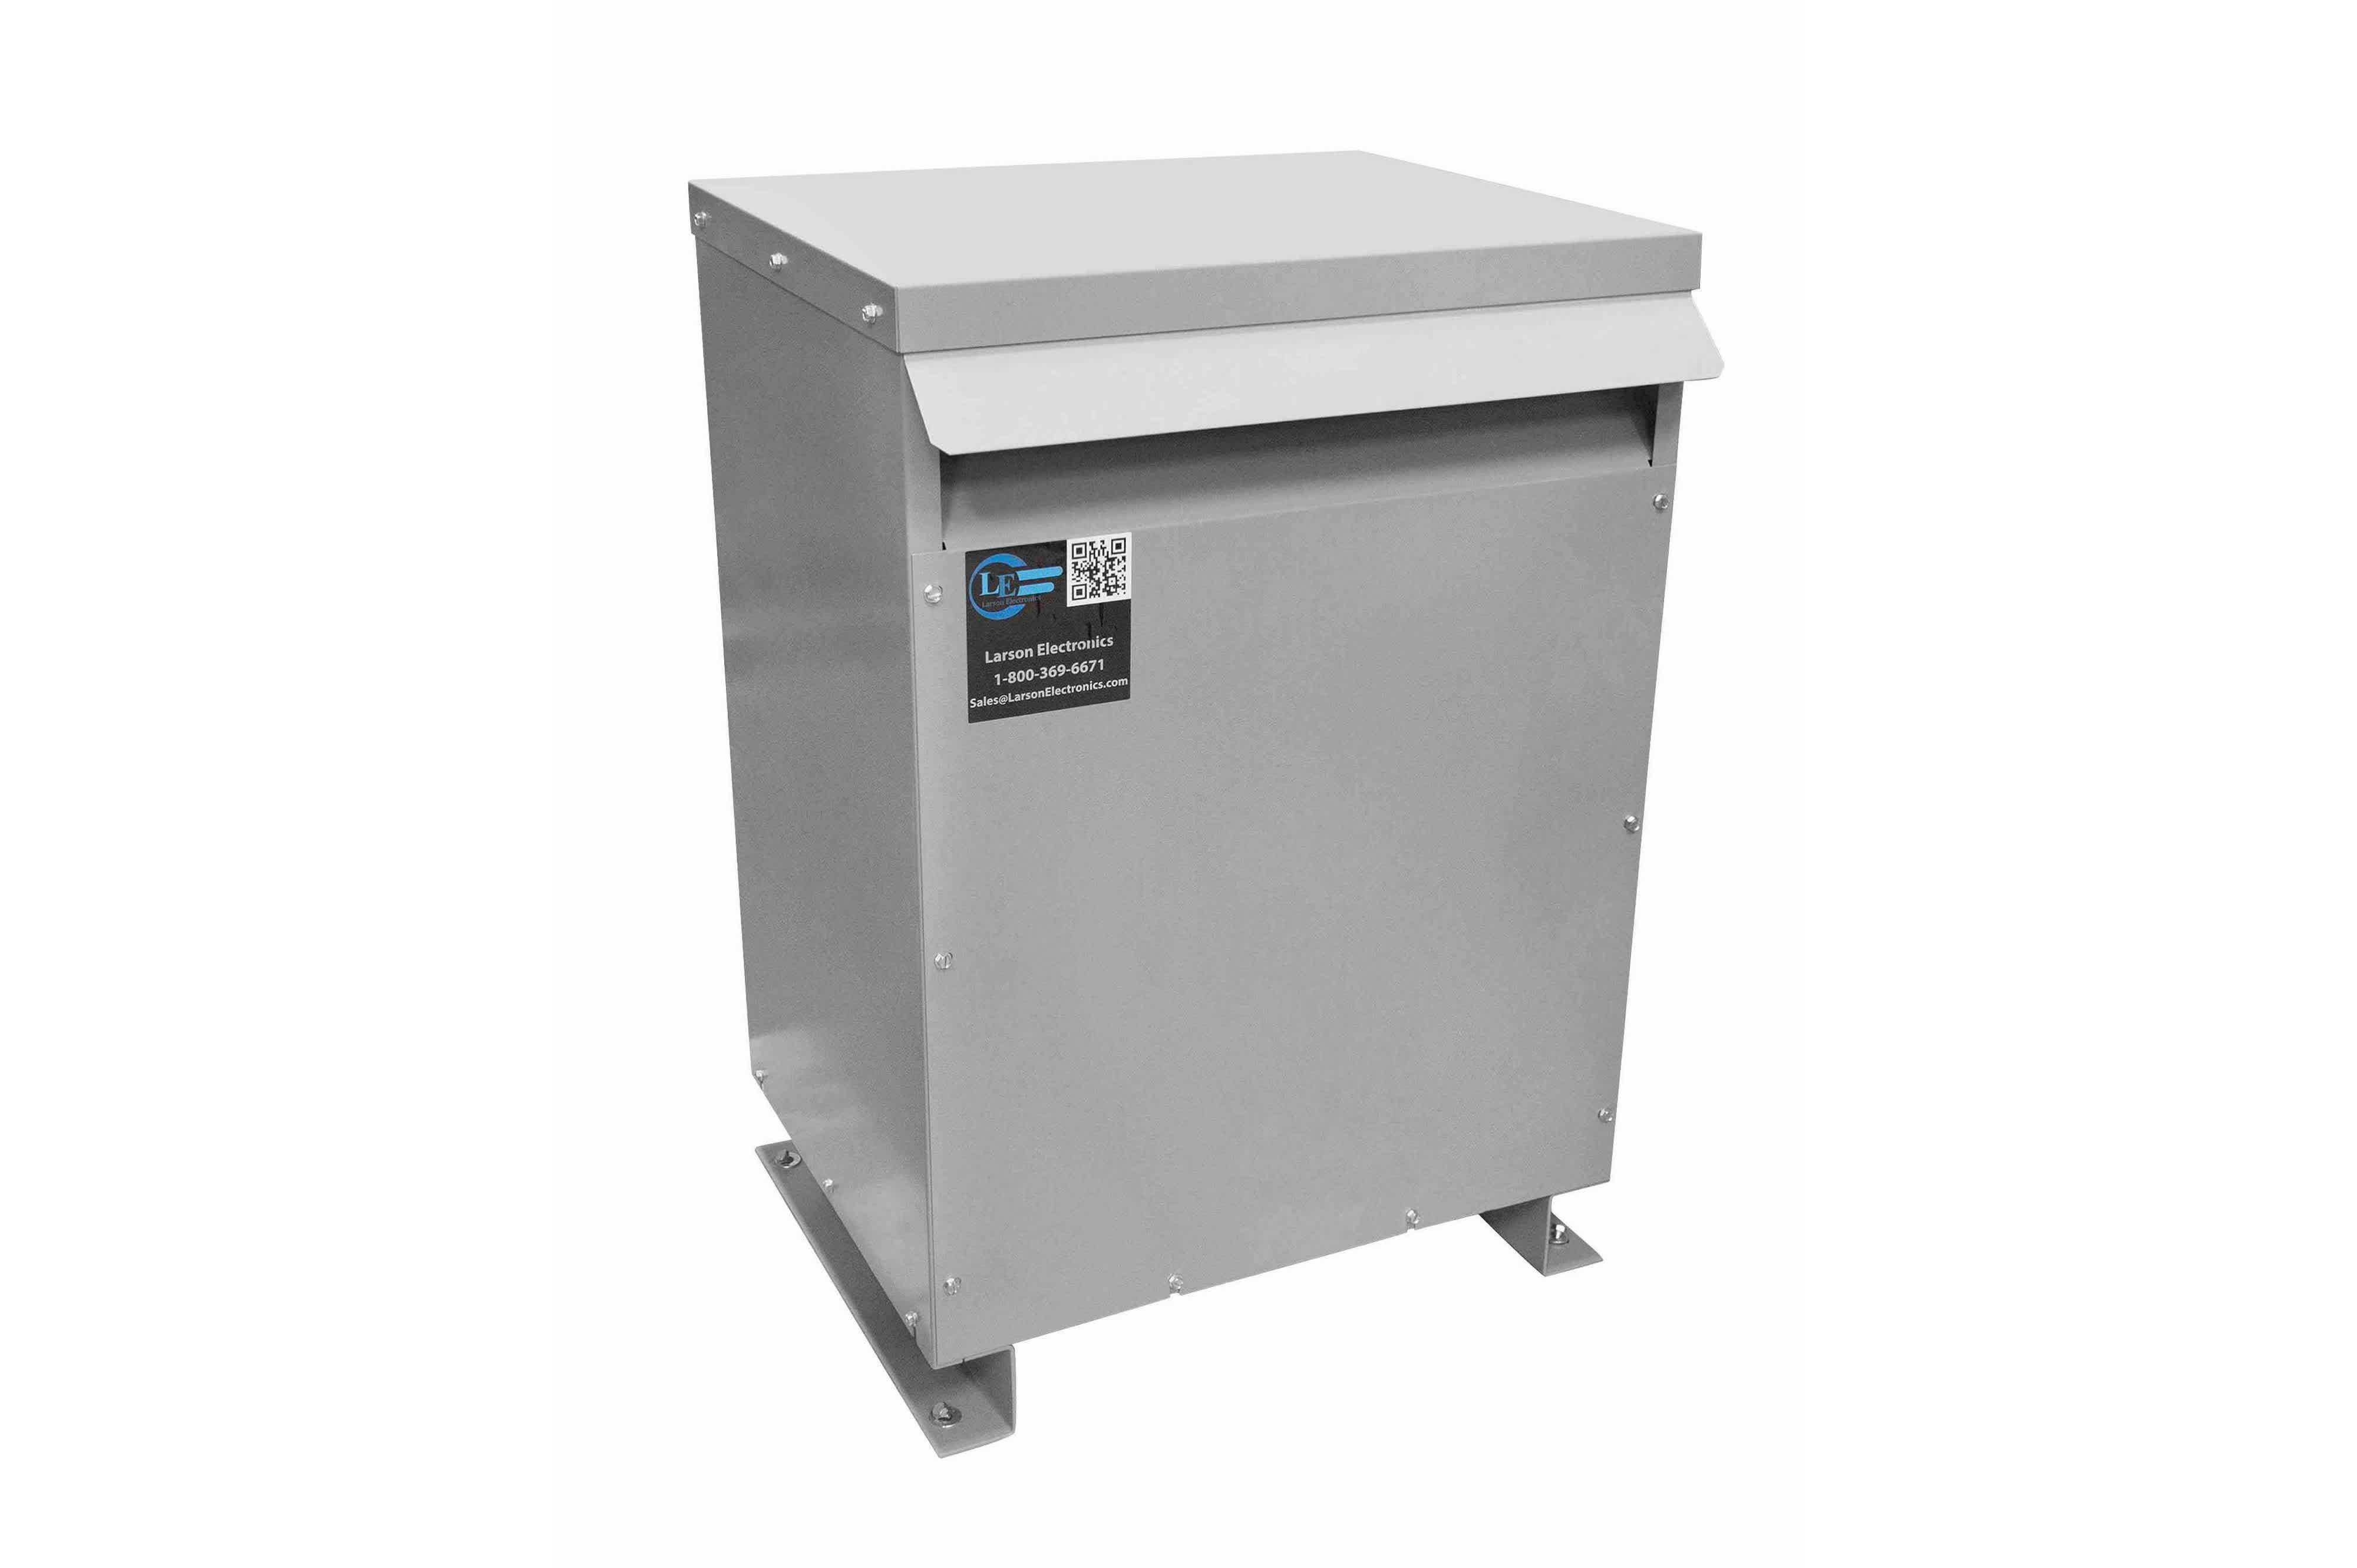 300 kVA 3PH Isolation Transformer, 480V Delta Primary, 240 Delta Secondary, N3R, Ventilated, 60 Hz